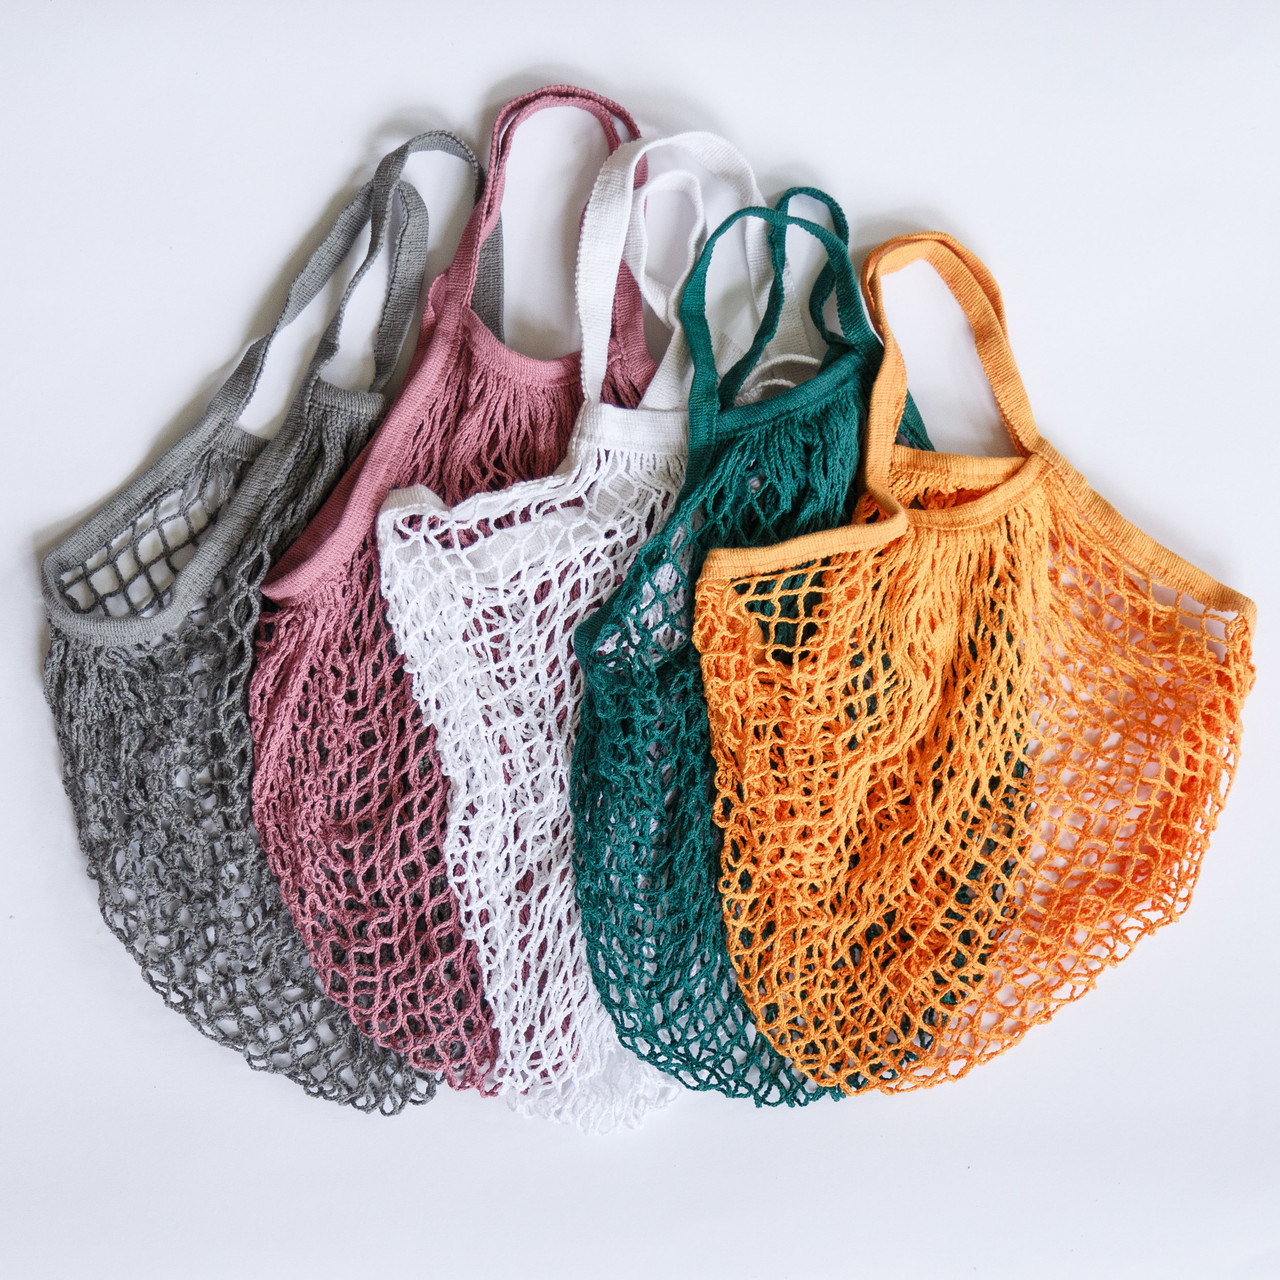 Авоська (длинная ручка), сумка-авоська, авоськи оптом, сумка для продуктов, сумка сетка, сетчатая сумка